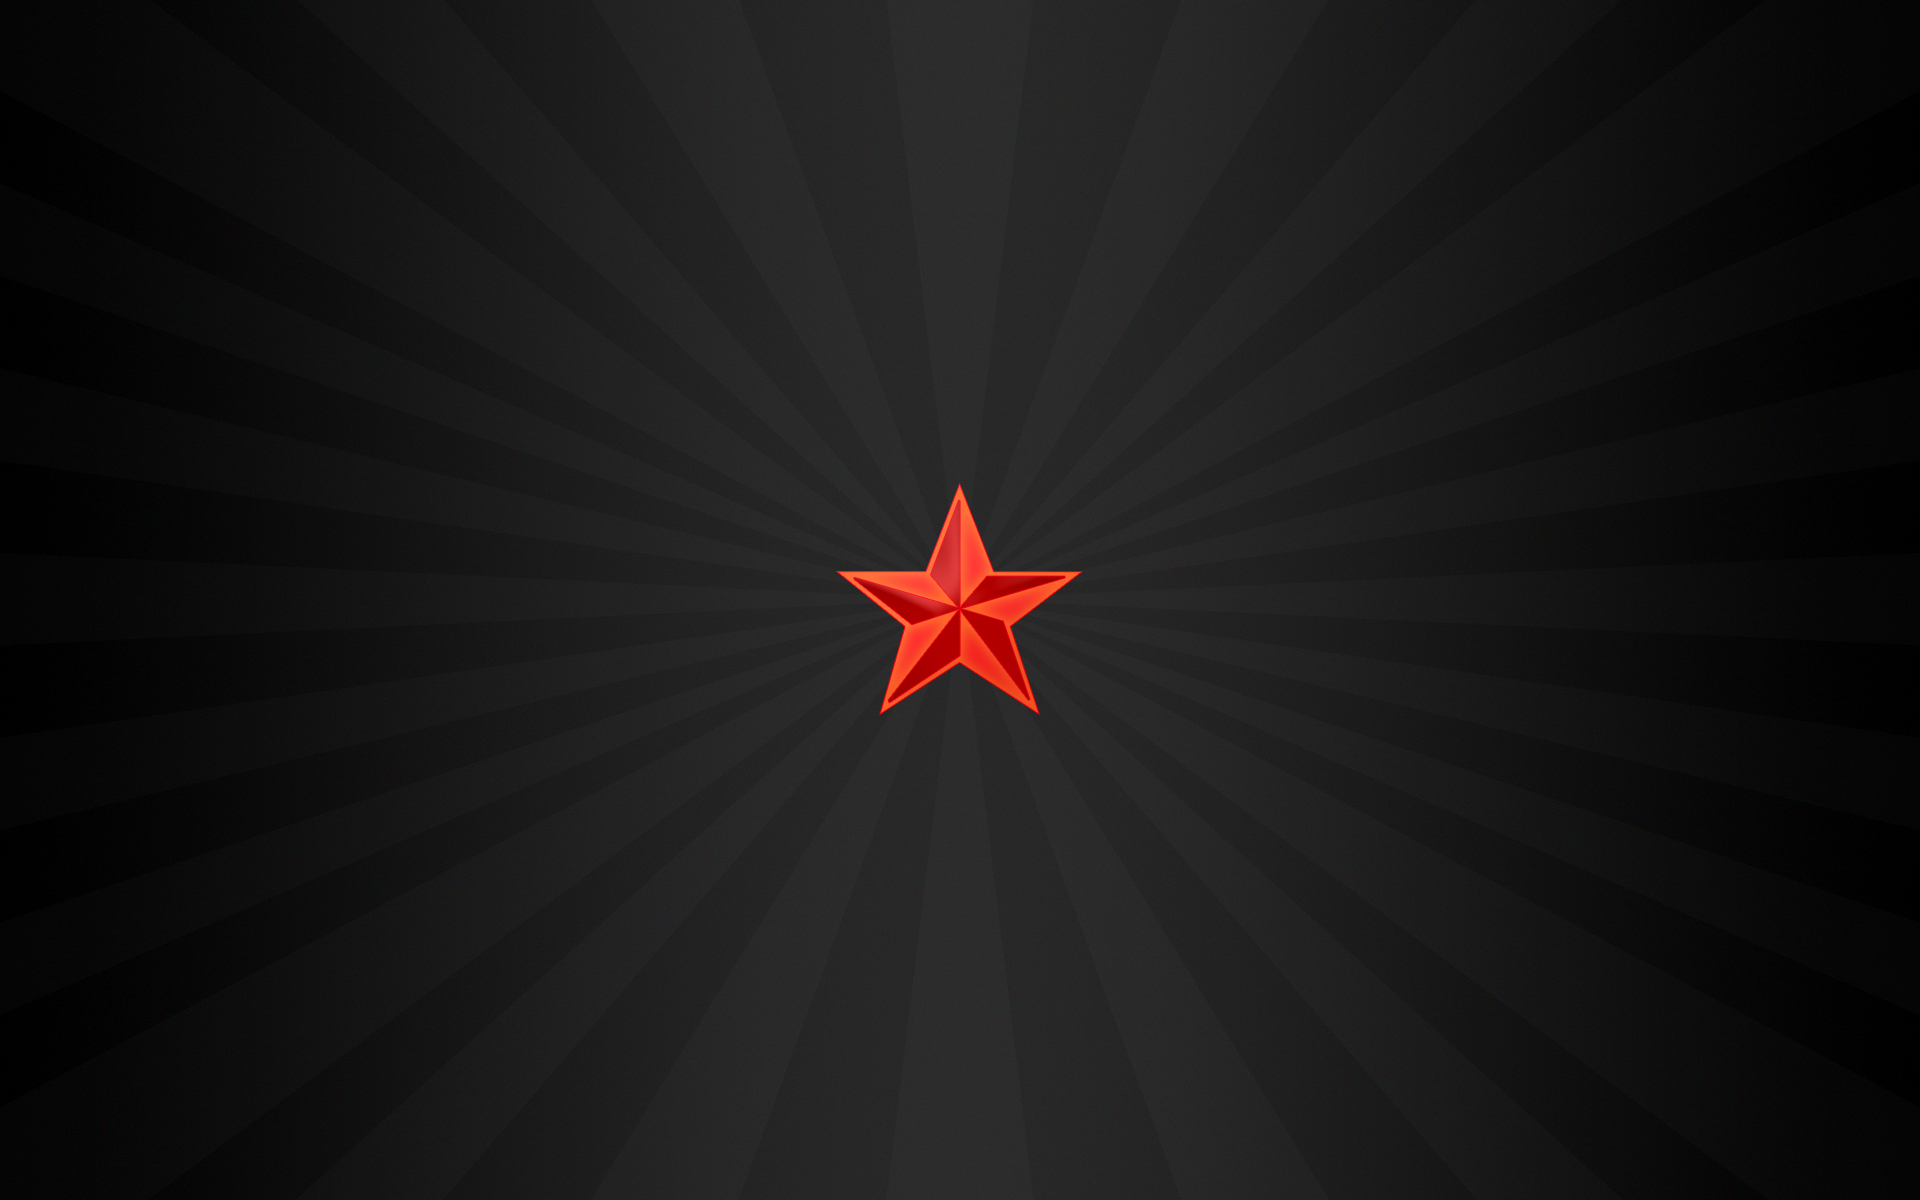 фото красной звезды на черном фоне исследовании останков ученым